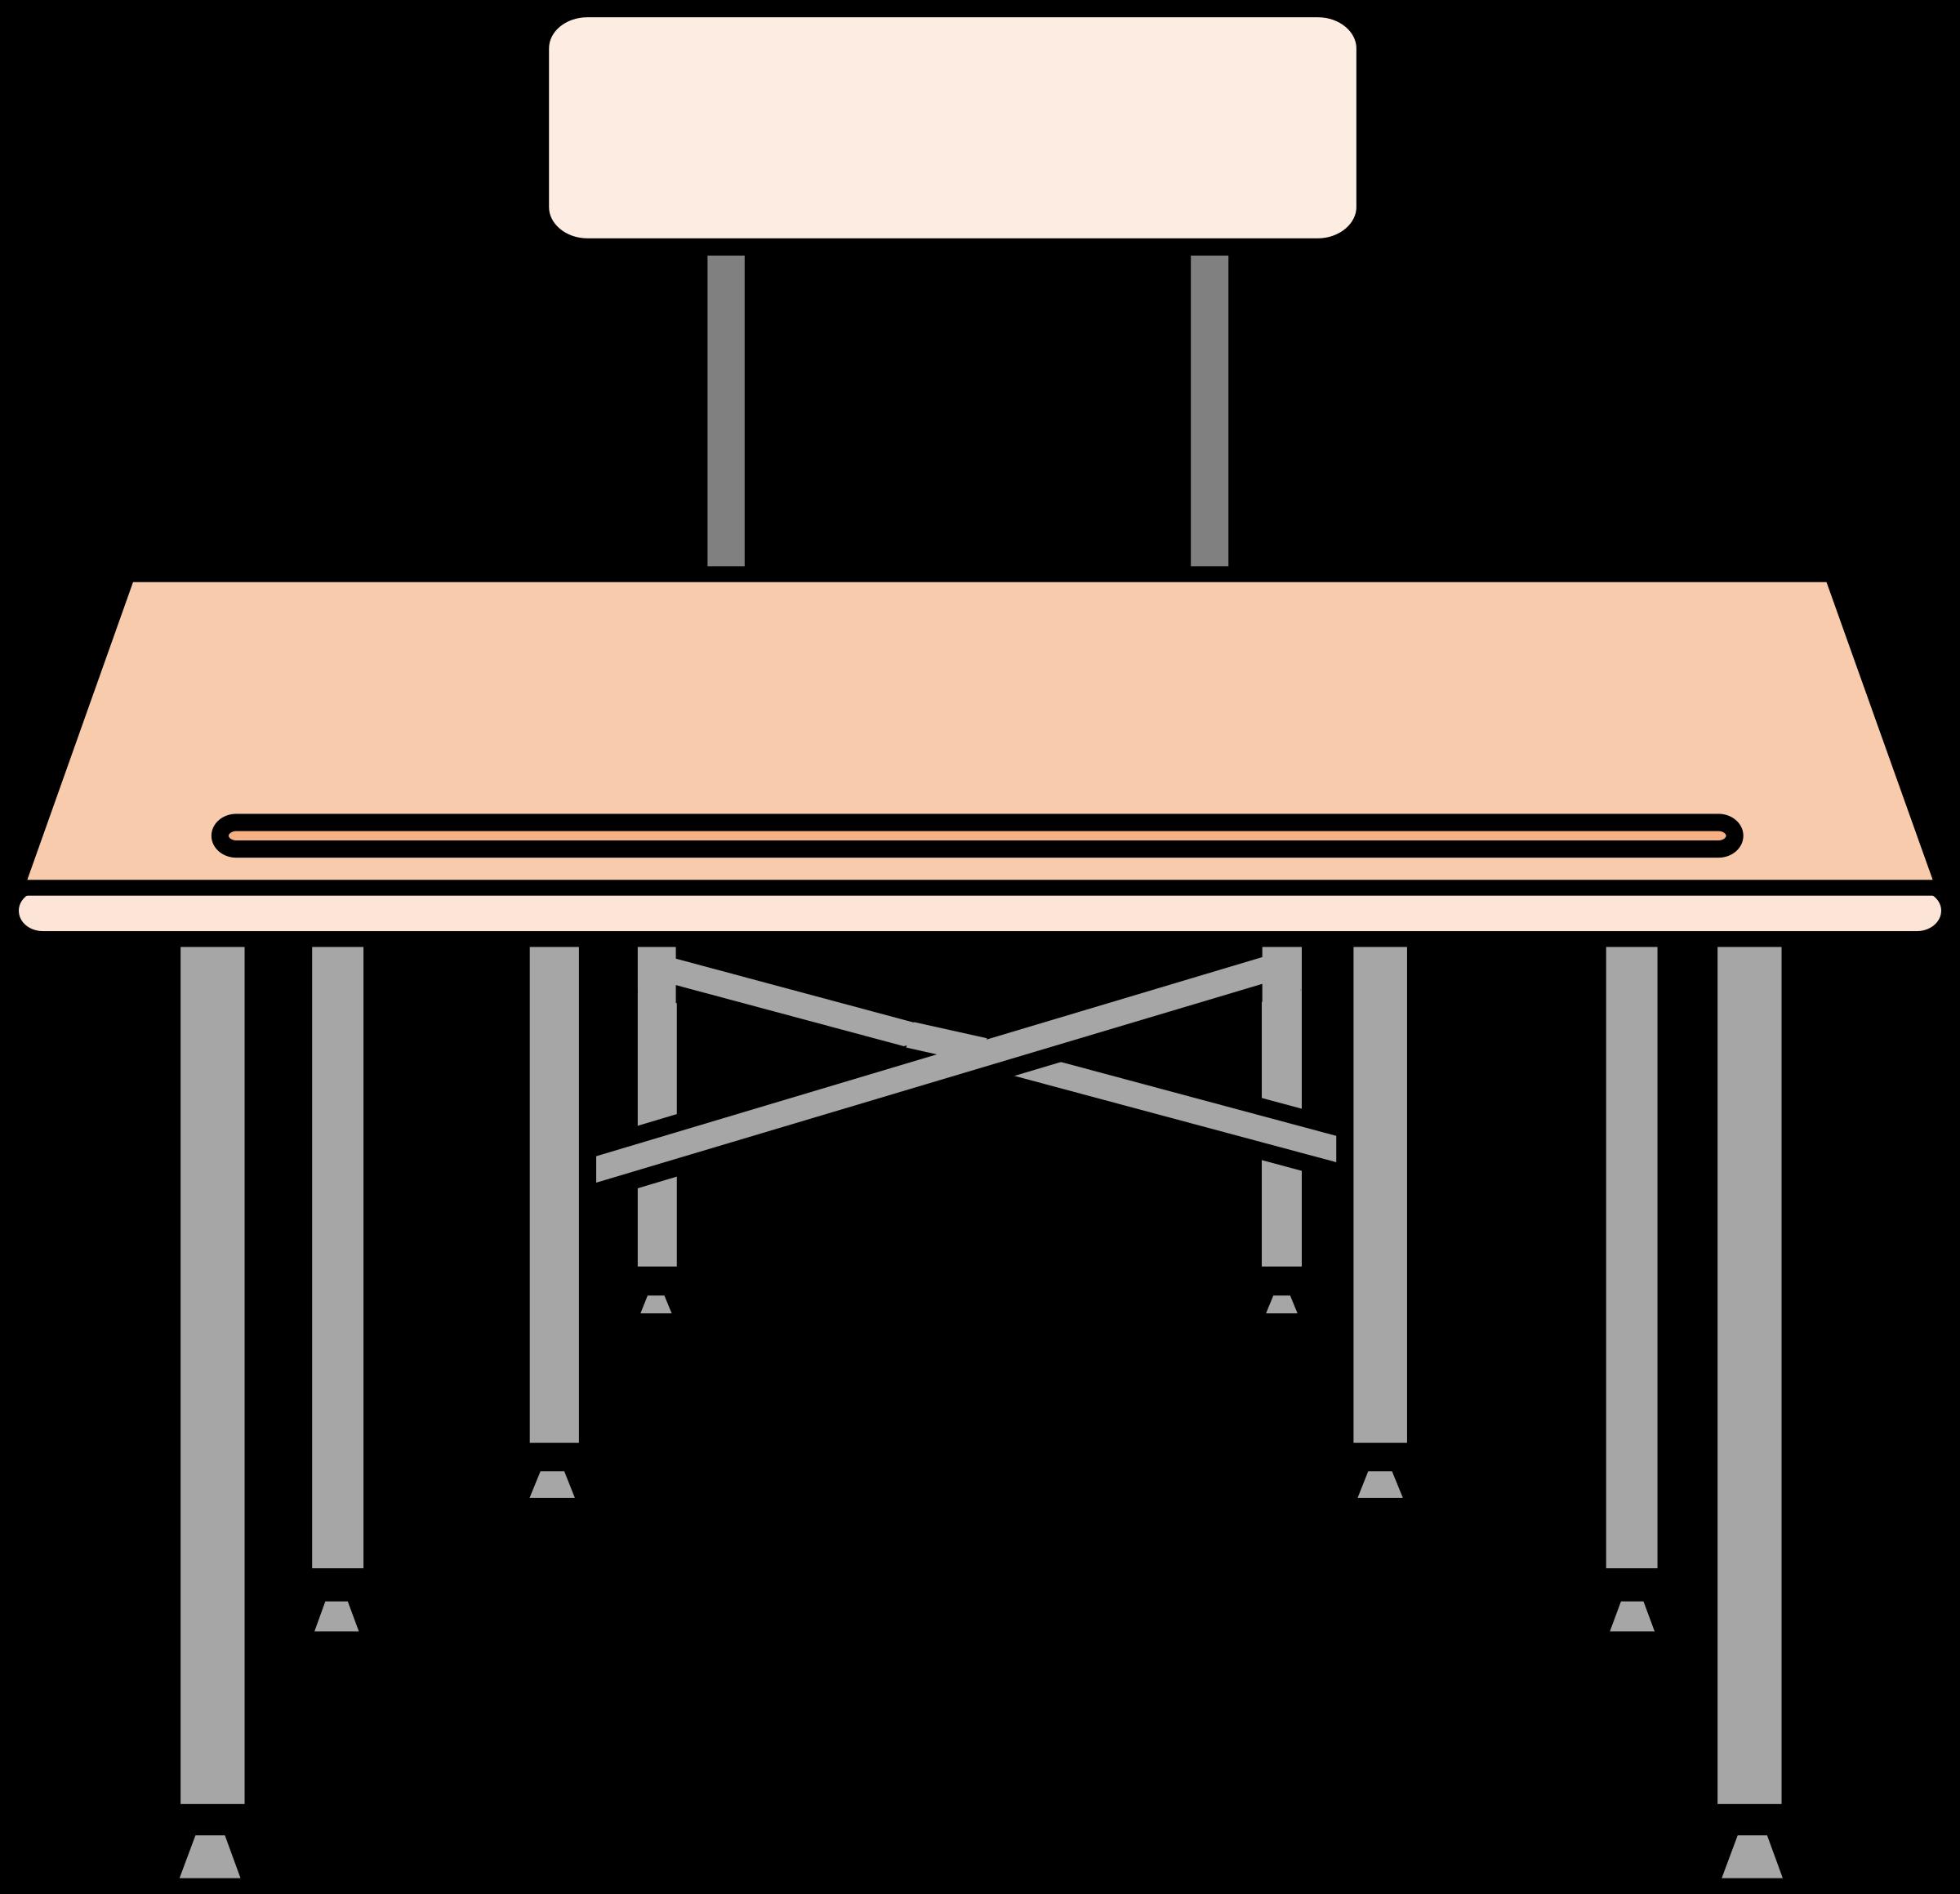 Free Desk School Cliparts, Download Free Clip Art, Free Clip.